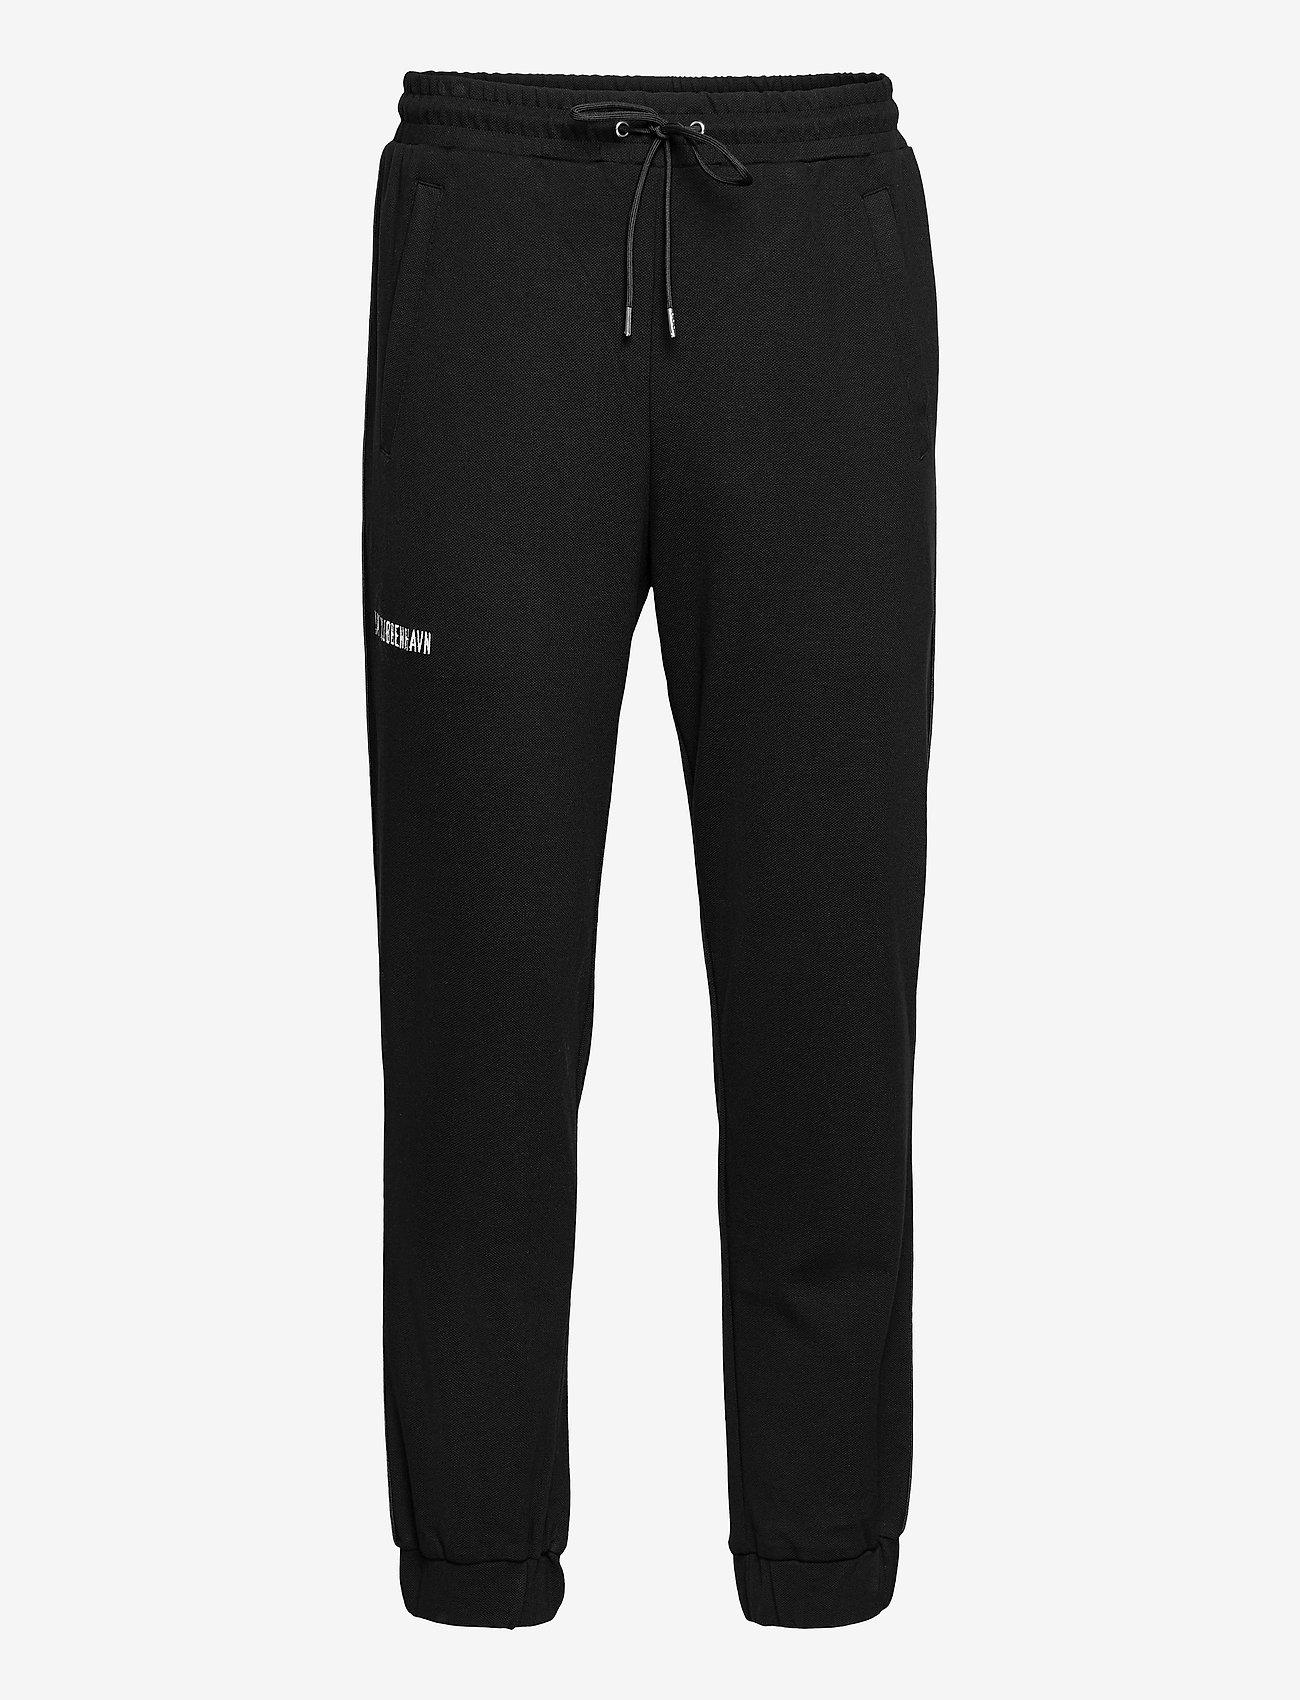 HAN Kjøbenhavn - Track Pants - kleding - black pique - 0